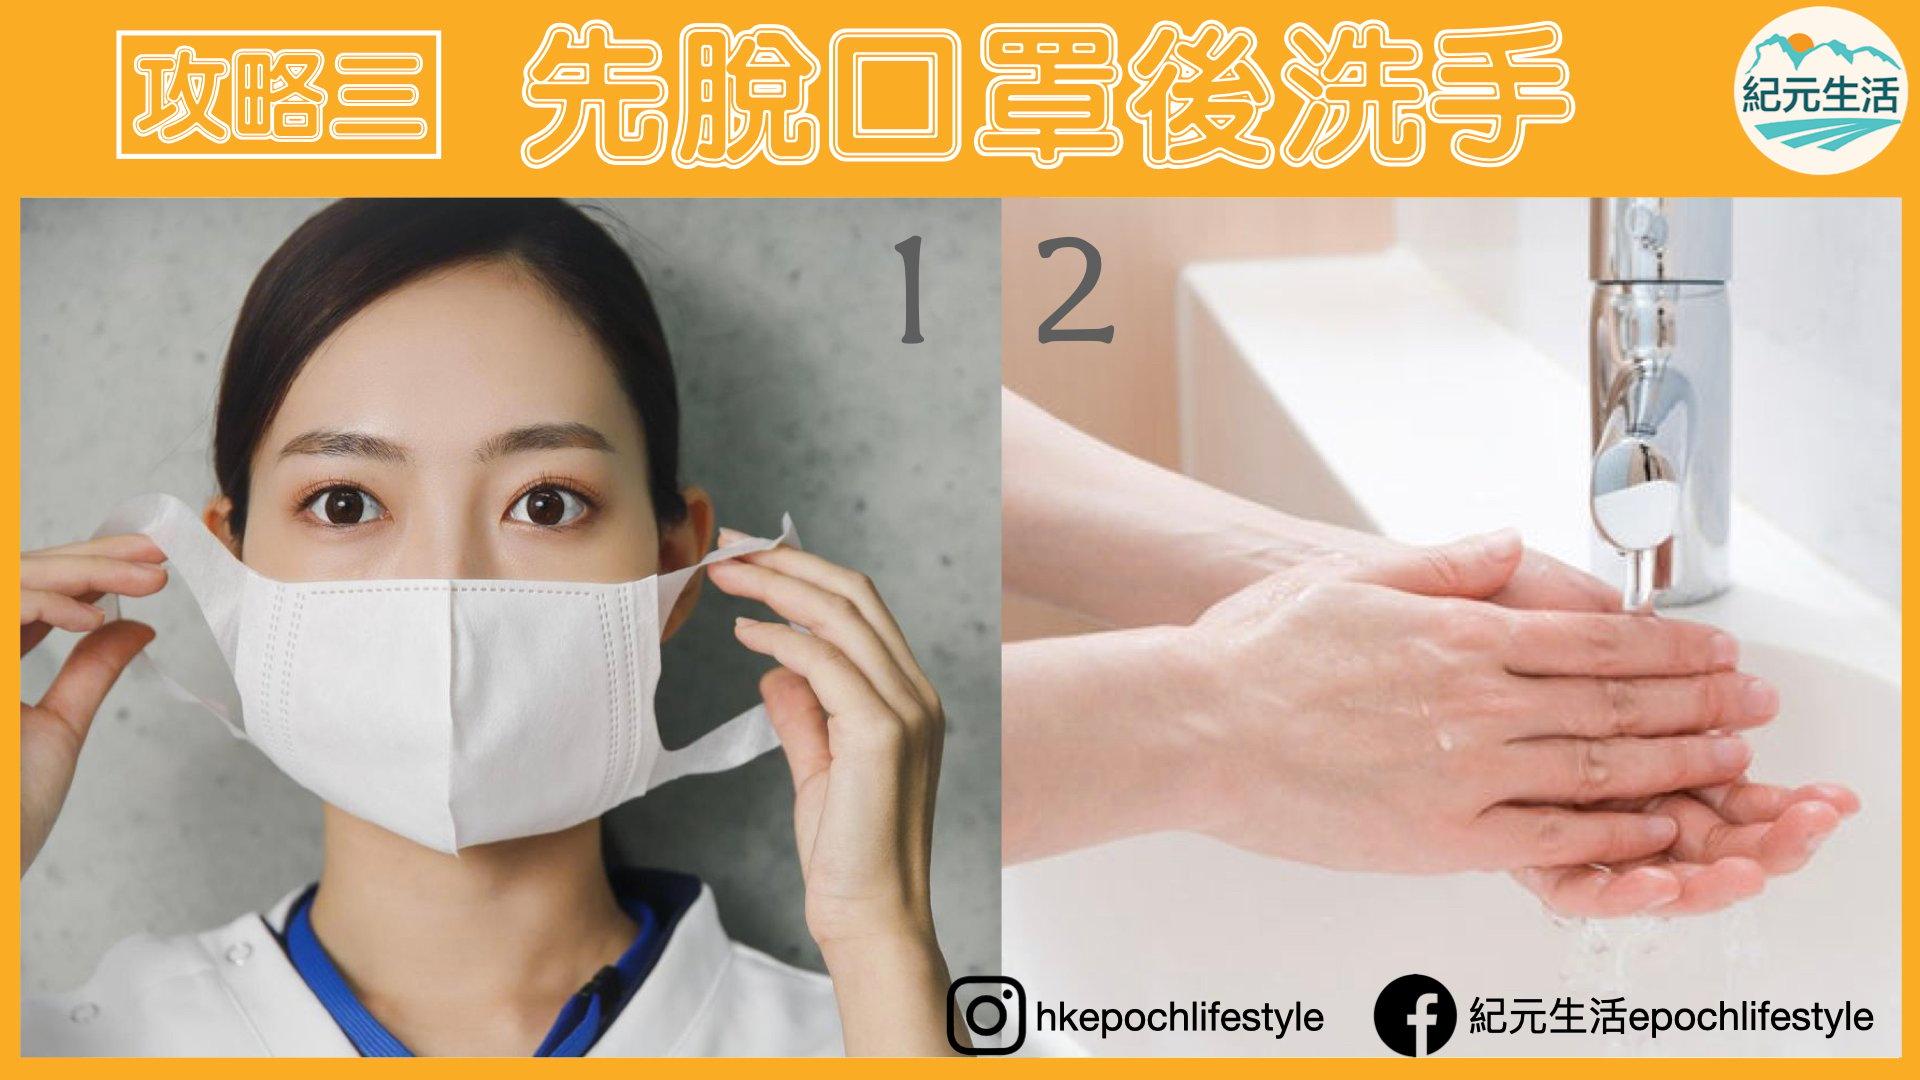 脫口罩的順序錯誤,也會增加病毒感染的機會喔!口罩丟棄後再去洗手,順序很重要!